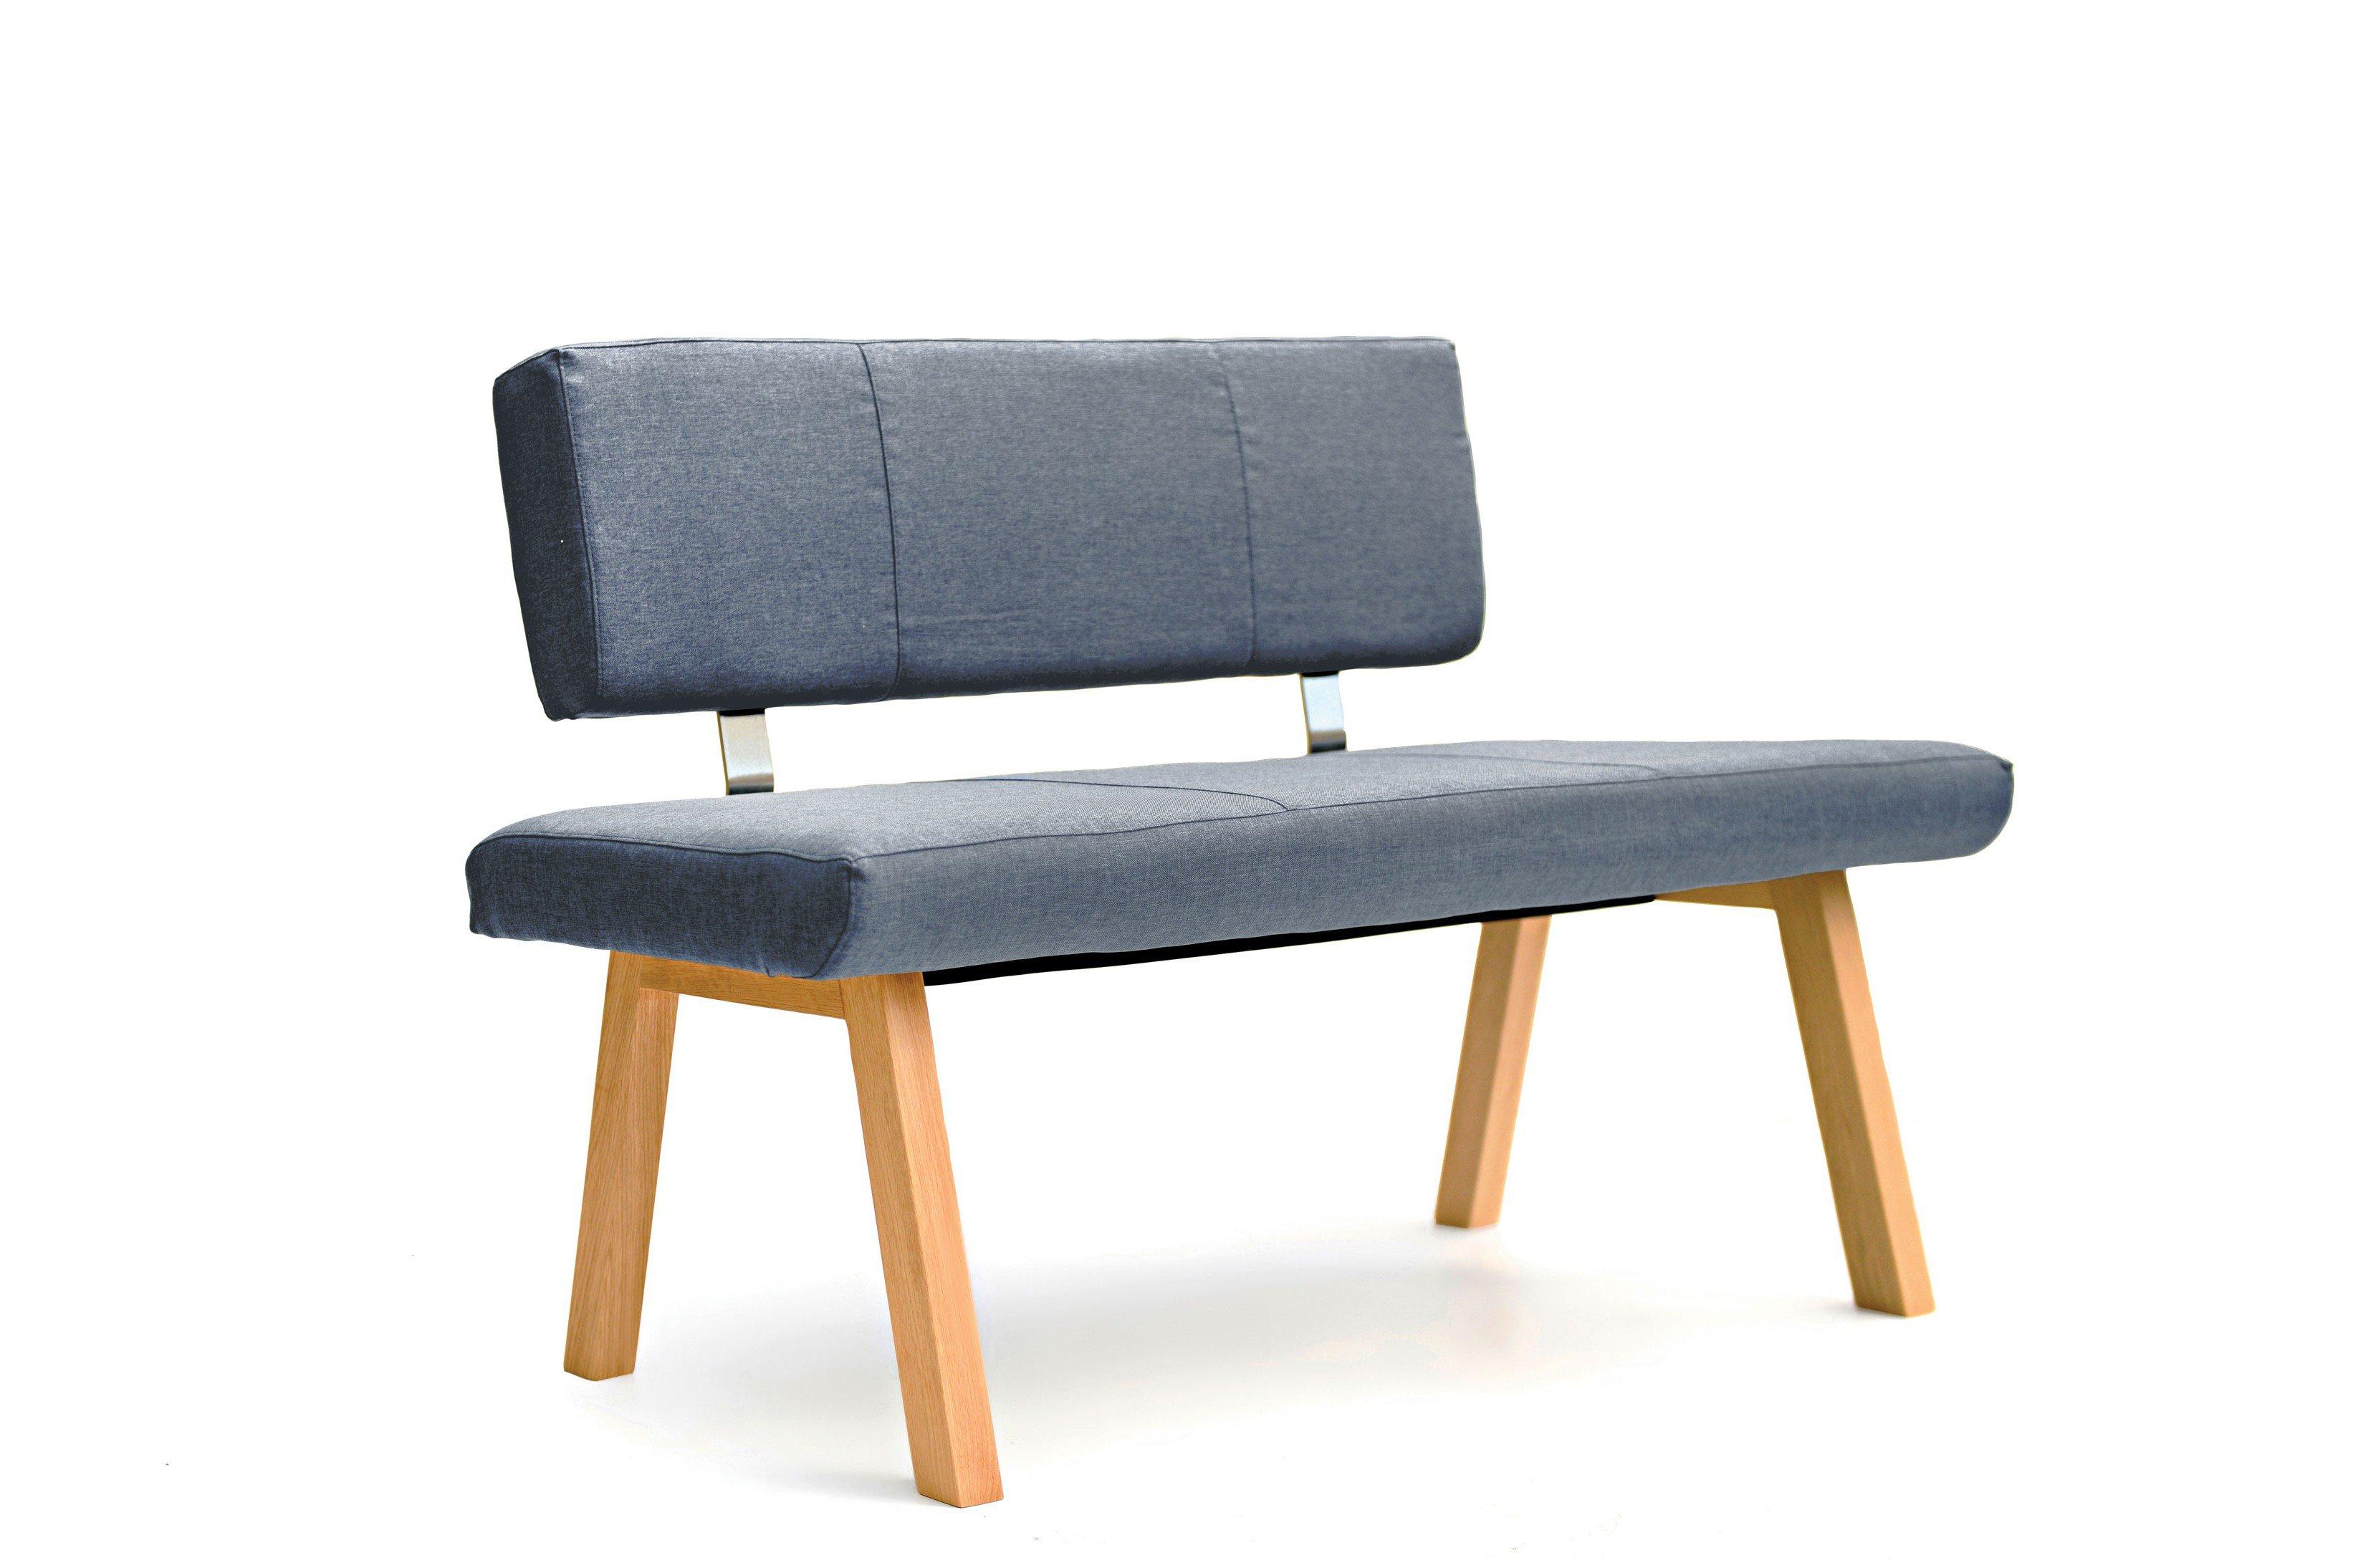 konstanz von standard furniture bank in grau mit ruckenlehne